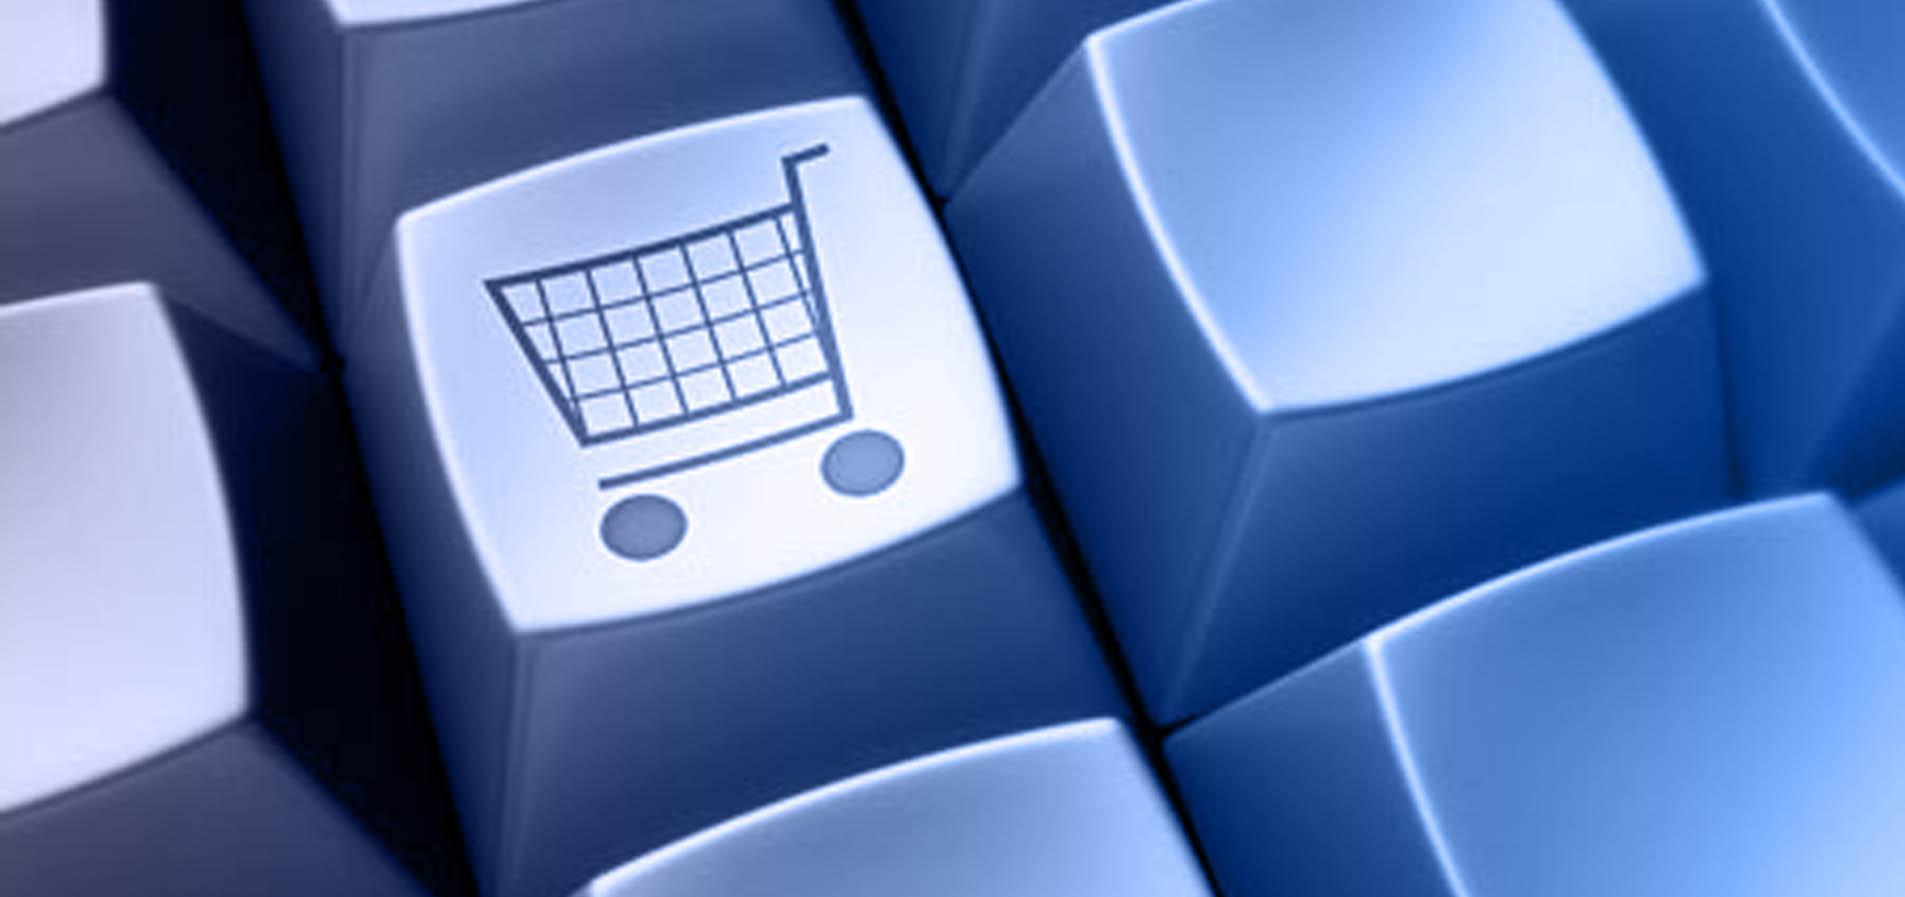 social-media-y-el-crecimiento-de-e-commerce[1]